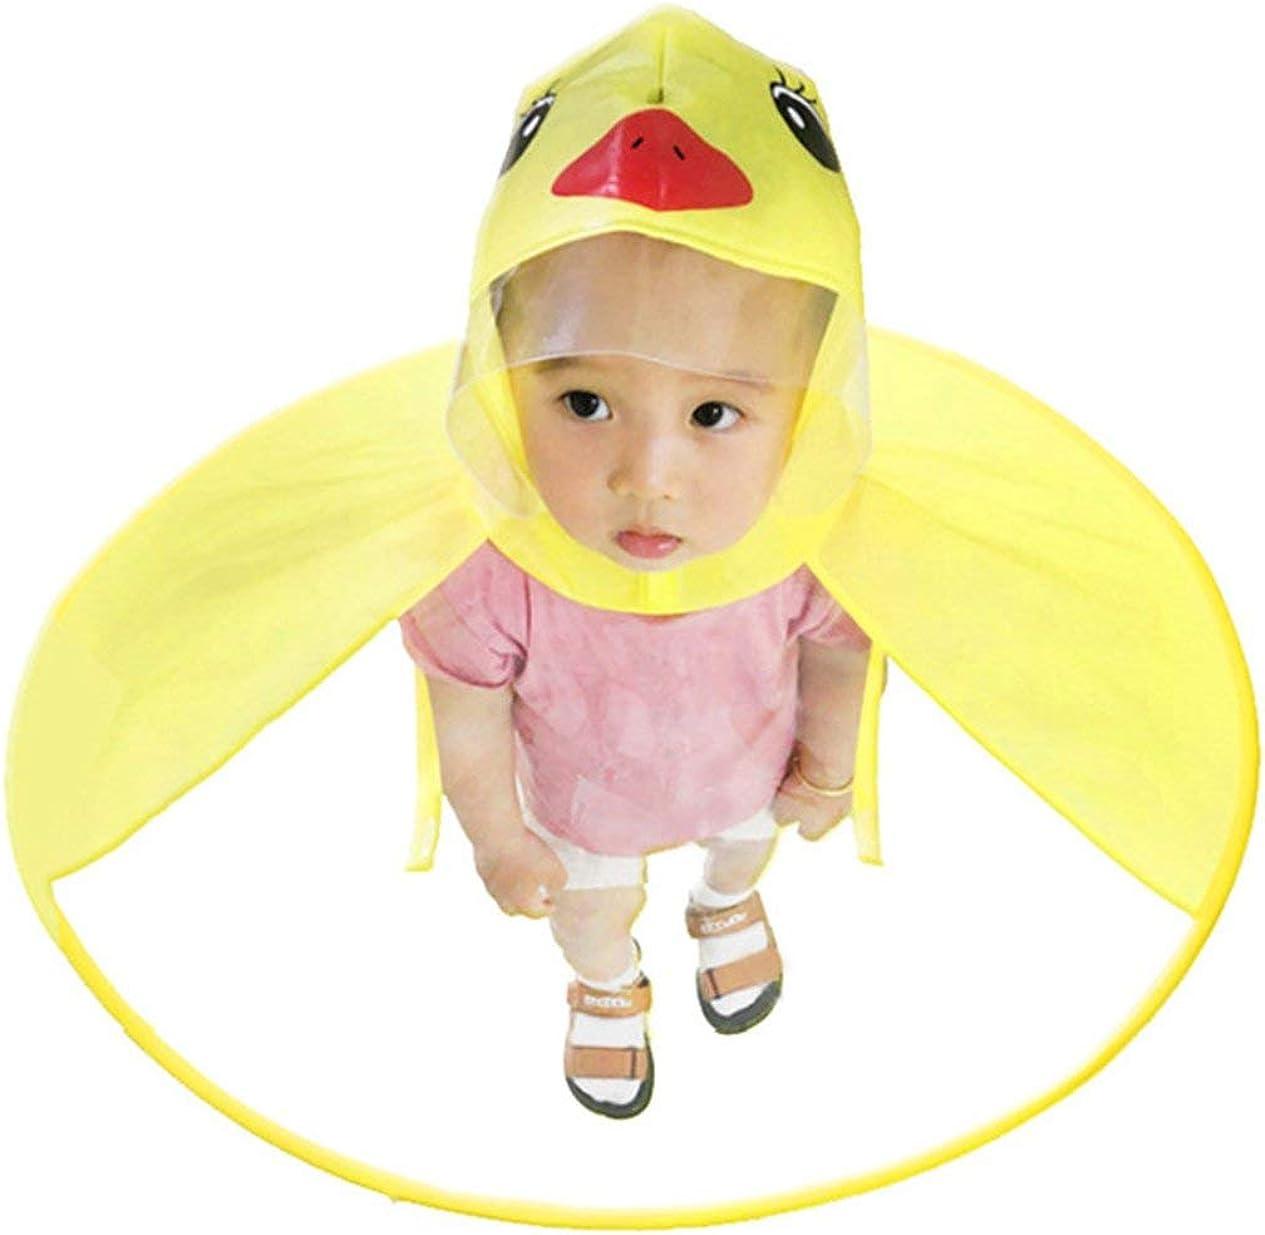 Gelb IronHeel Kinder Regenmantel UFO Regenm/äntel H/ände frei Baby Lustige Ente Regenmantel Regenschutz Durable Kinder Zubeh/ör